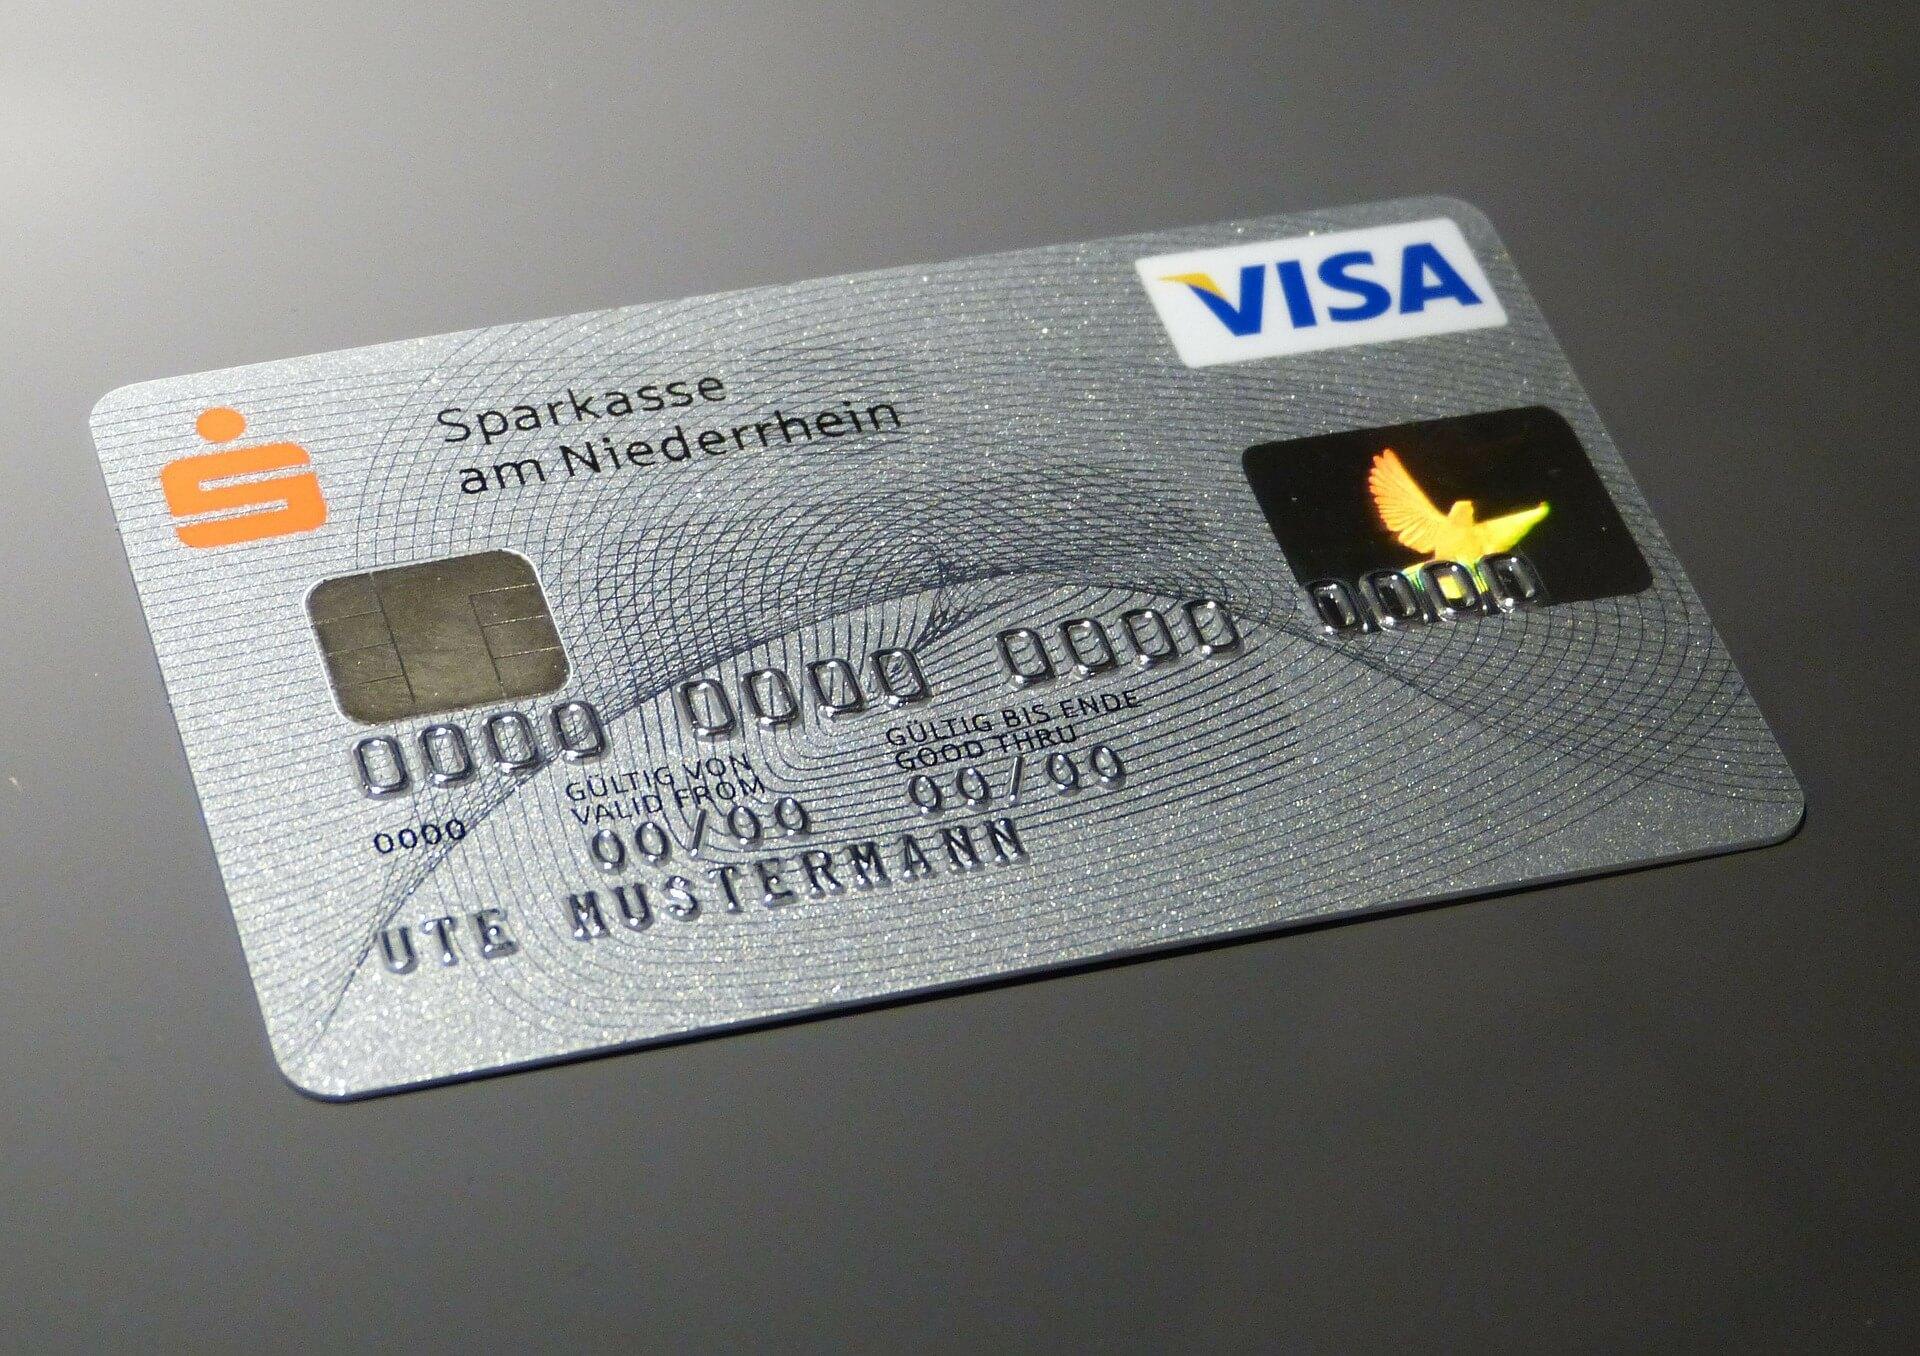 発行 りそな 銀行 カード 再